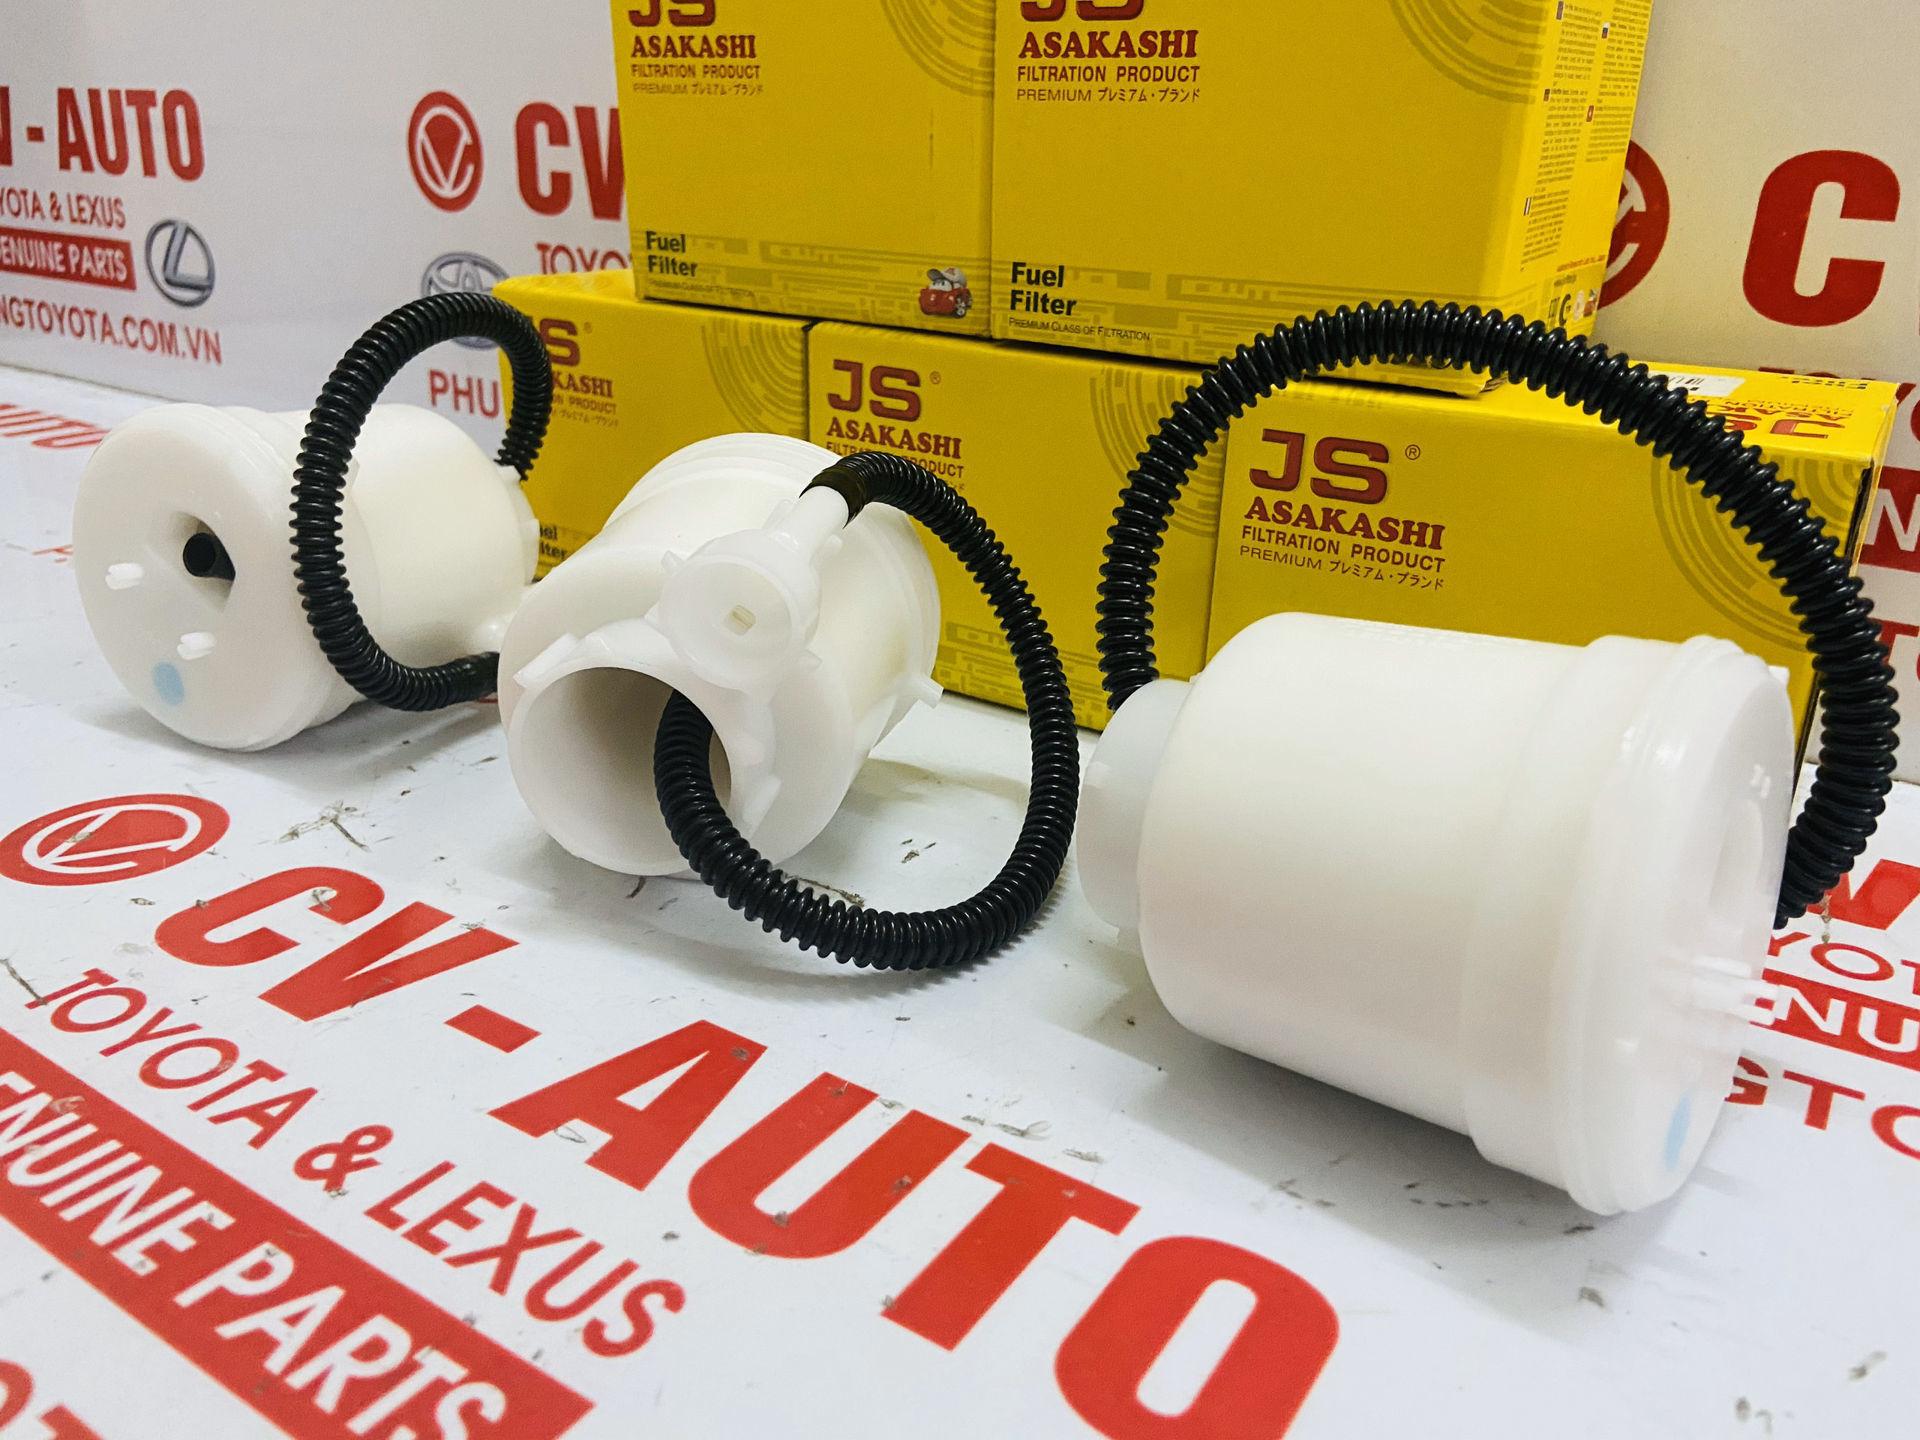 Picture of FS6303A Lọc xăng Toyota Vios, Altis 2008-2013 hàng chính hãng